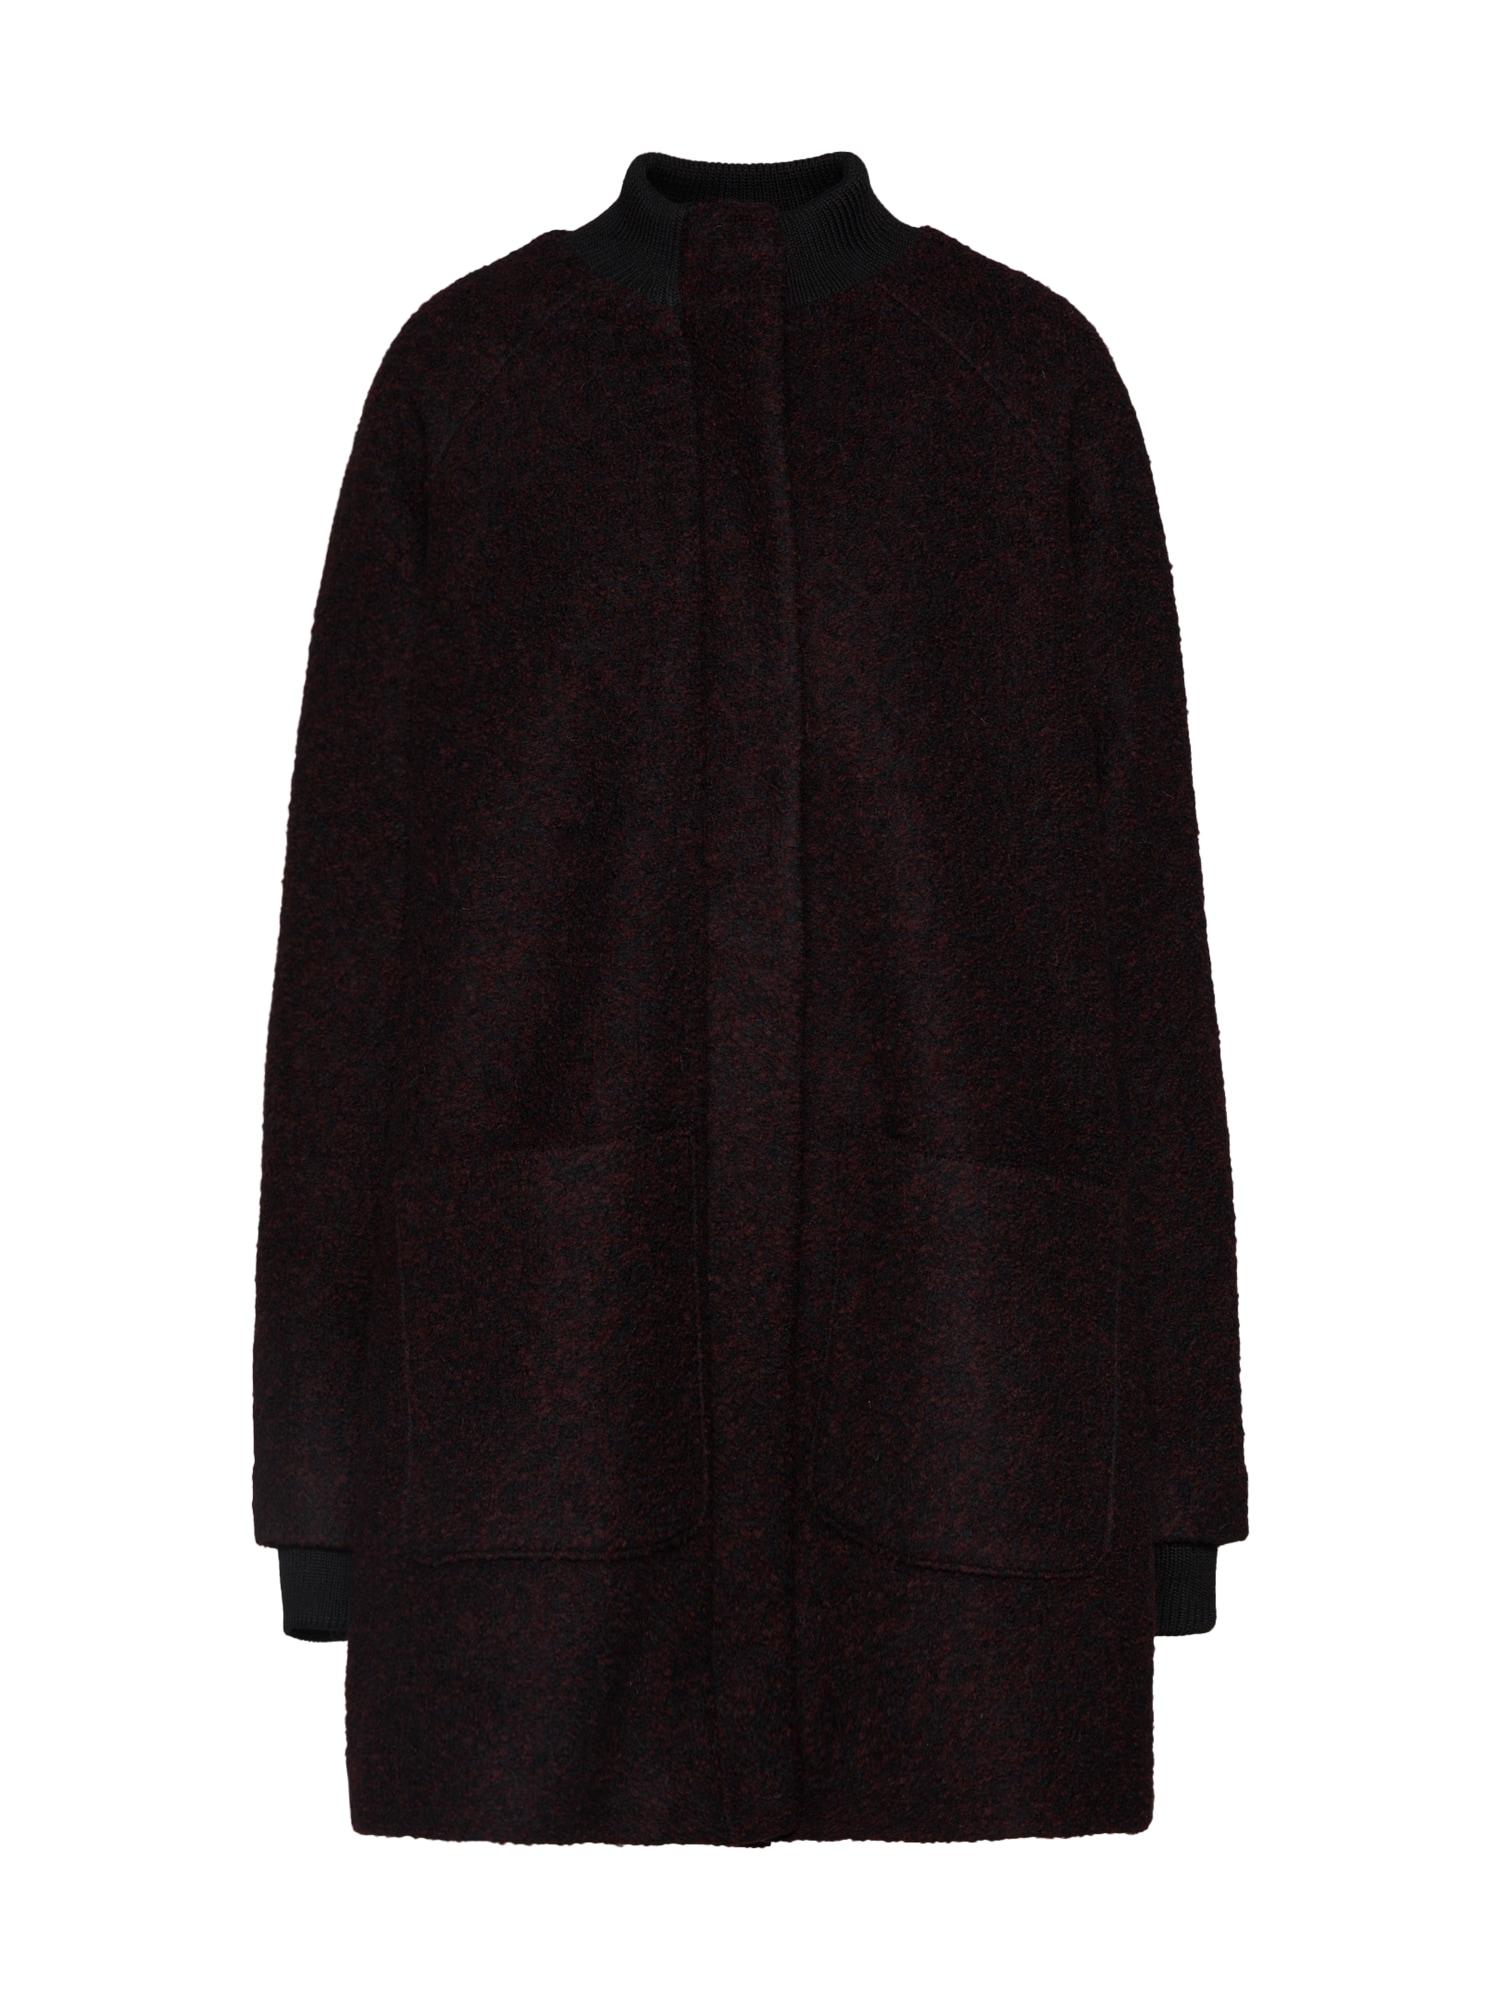 Přechodný kabát Gailey švestková BROADWAY NYC FASHION